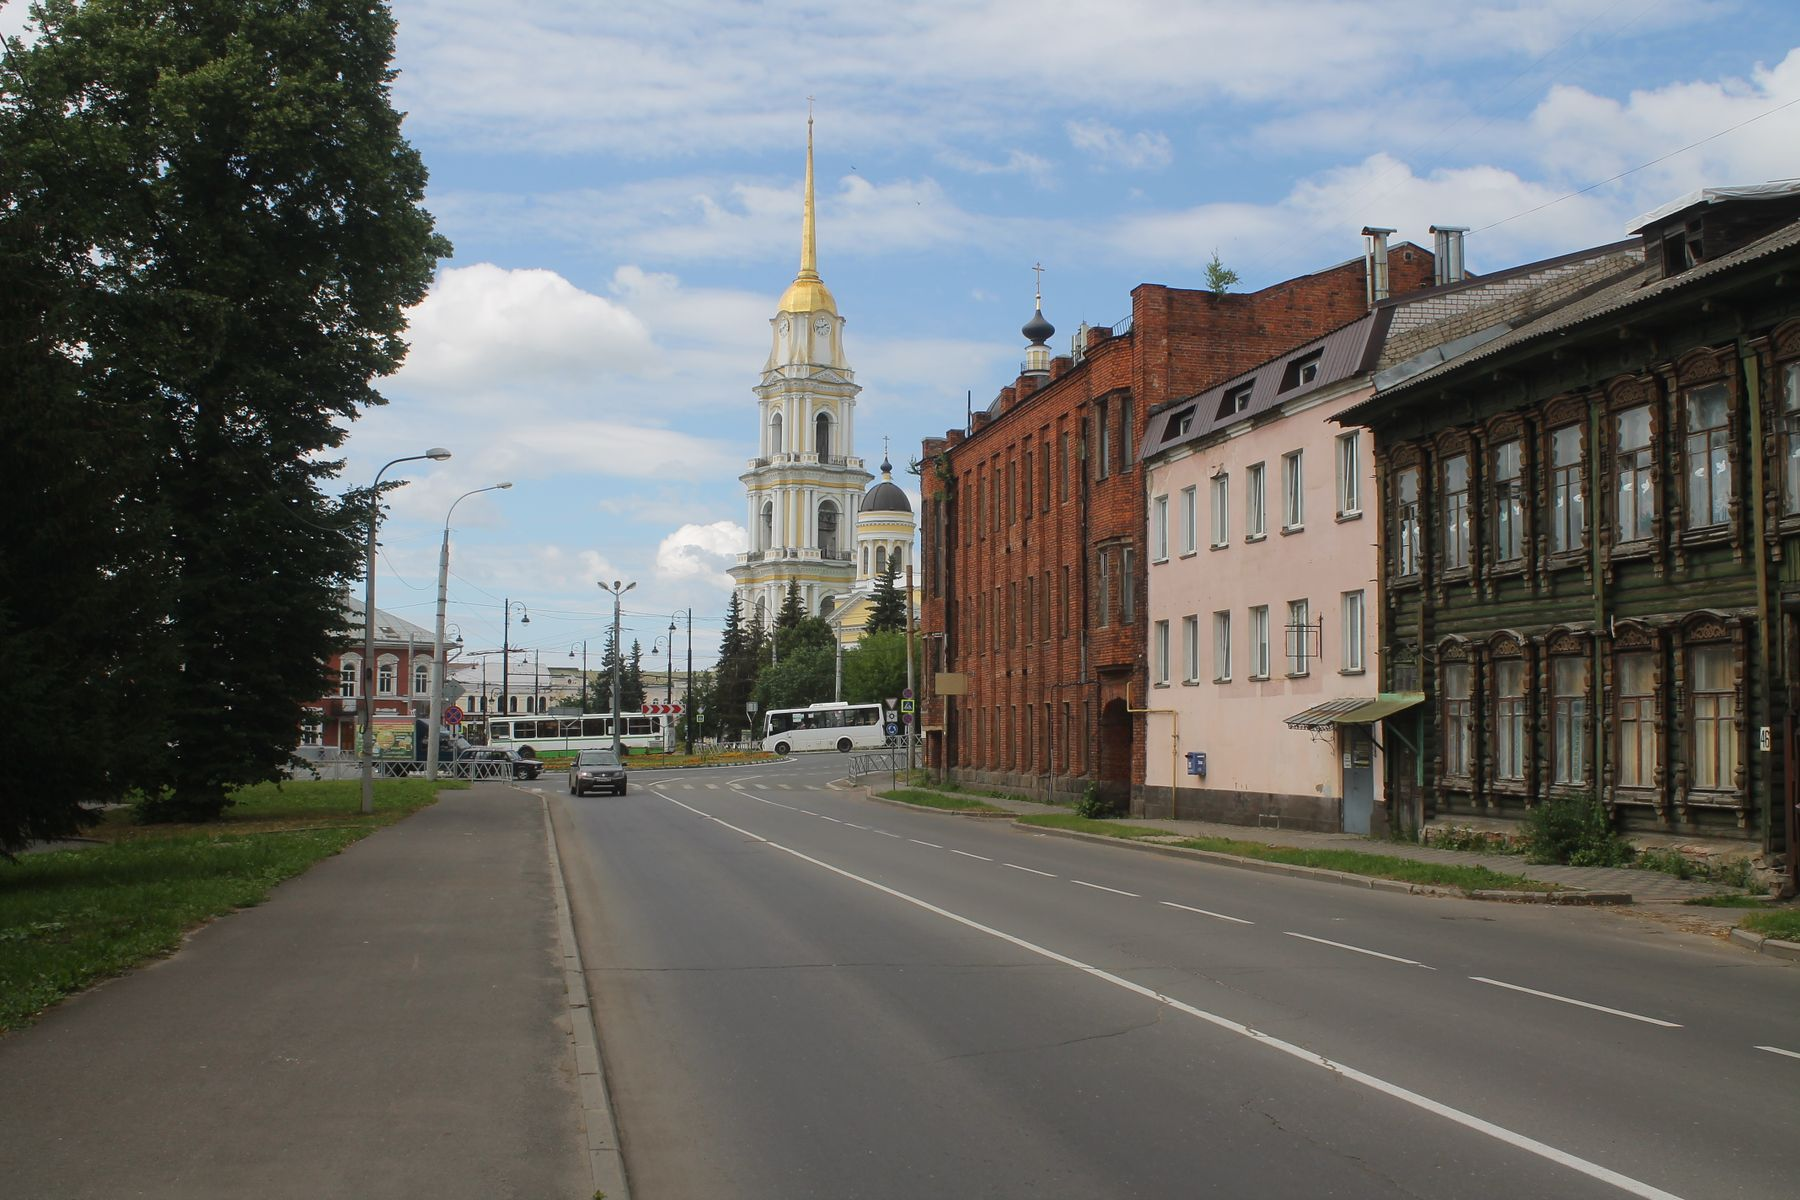 Рыбинск (Ярославская область) Рыбинск